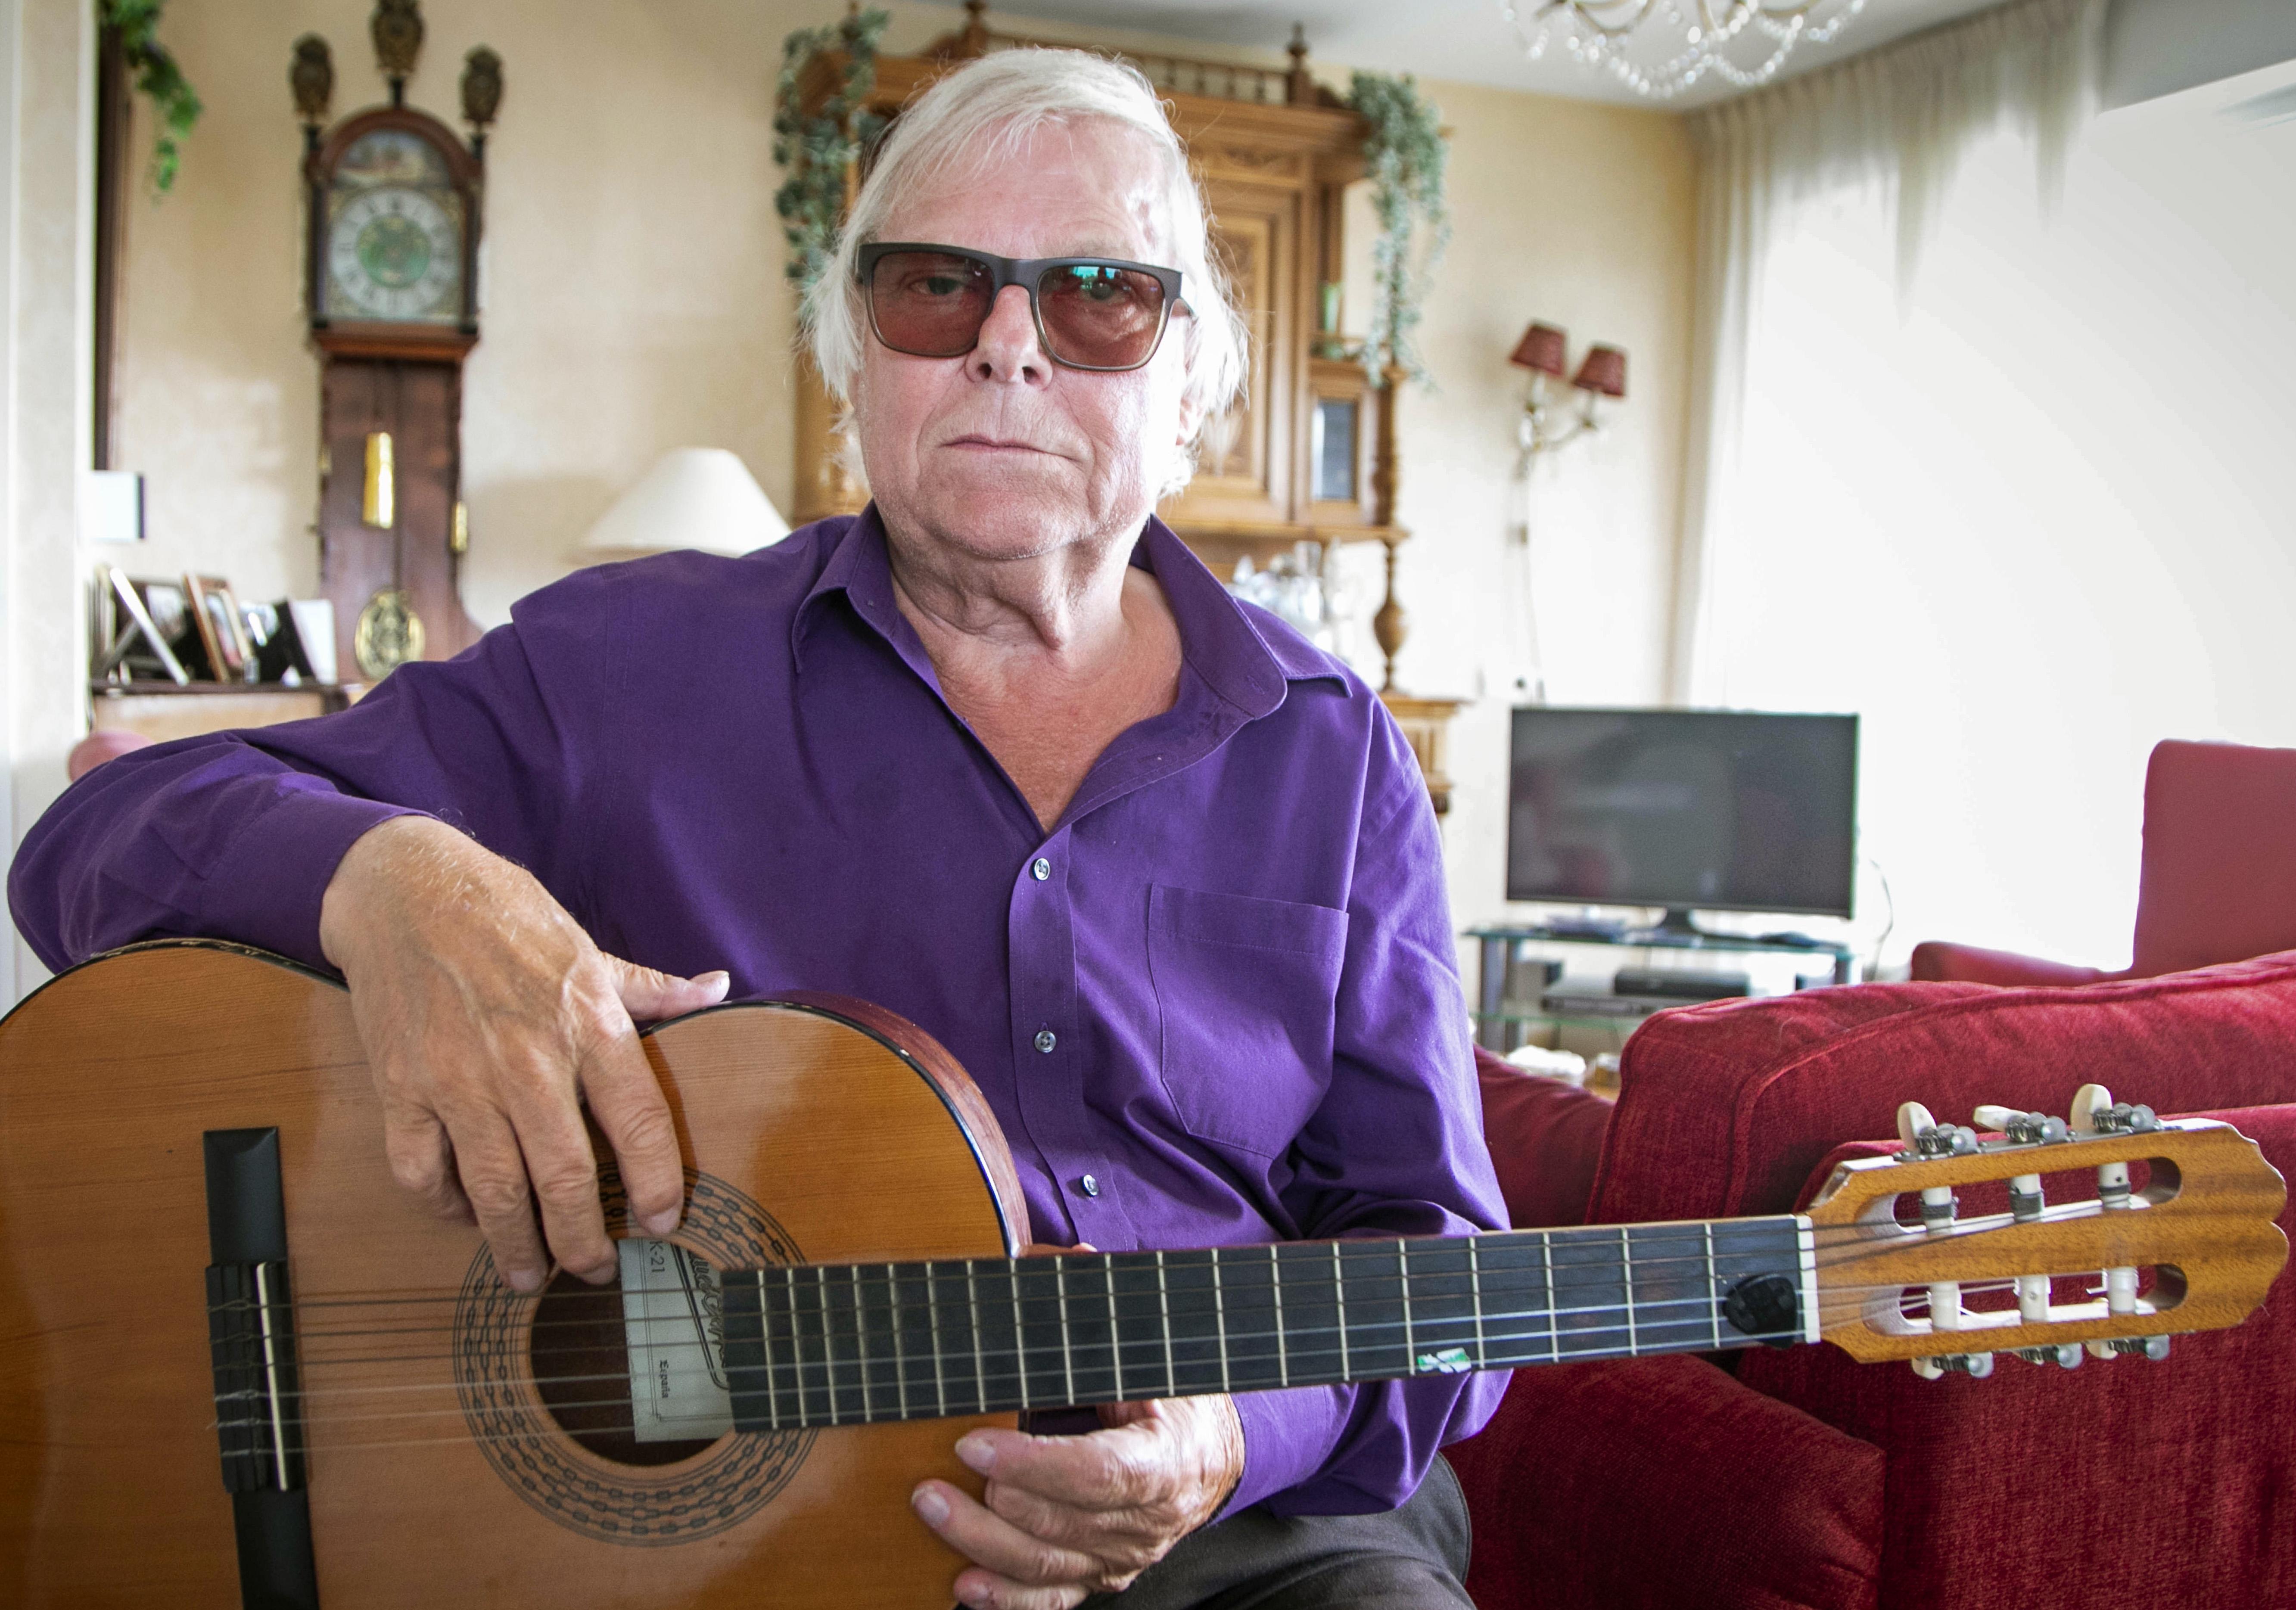 Oscar Benton 1949 – 2020: Blueszanger die zich in zijn teksten inleefde zoals weinigen dat kunnen | necrologie